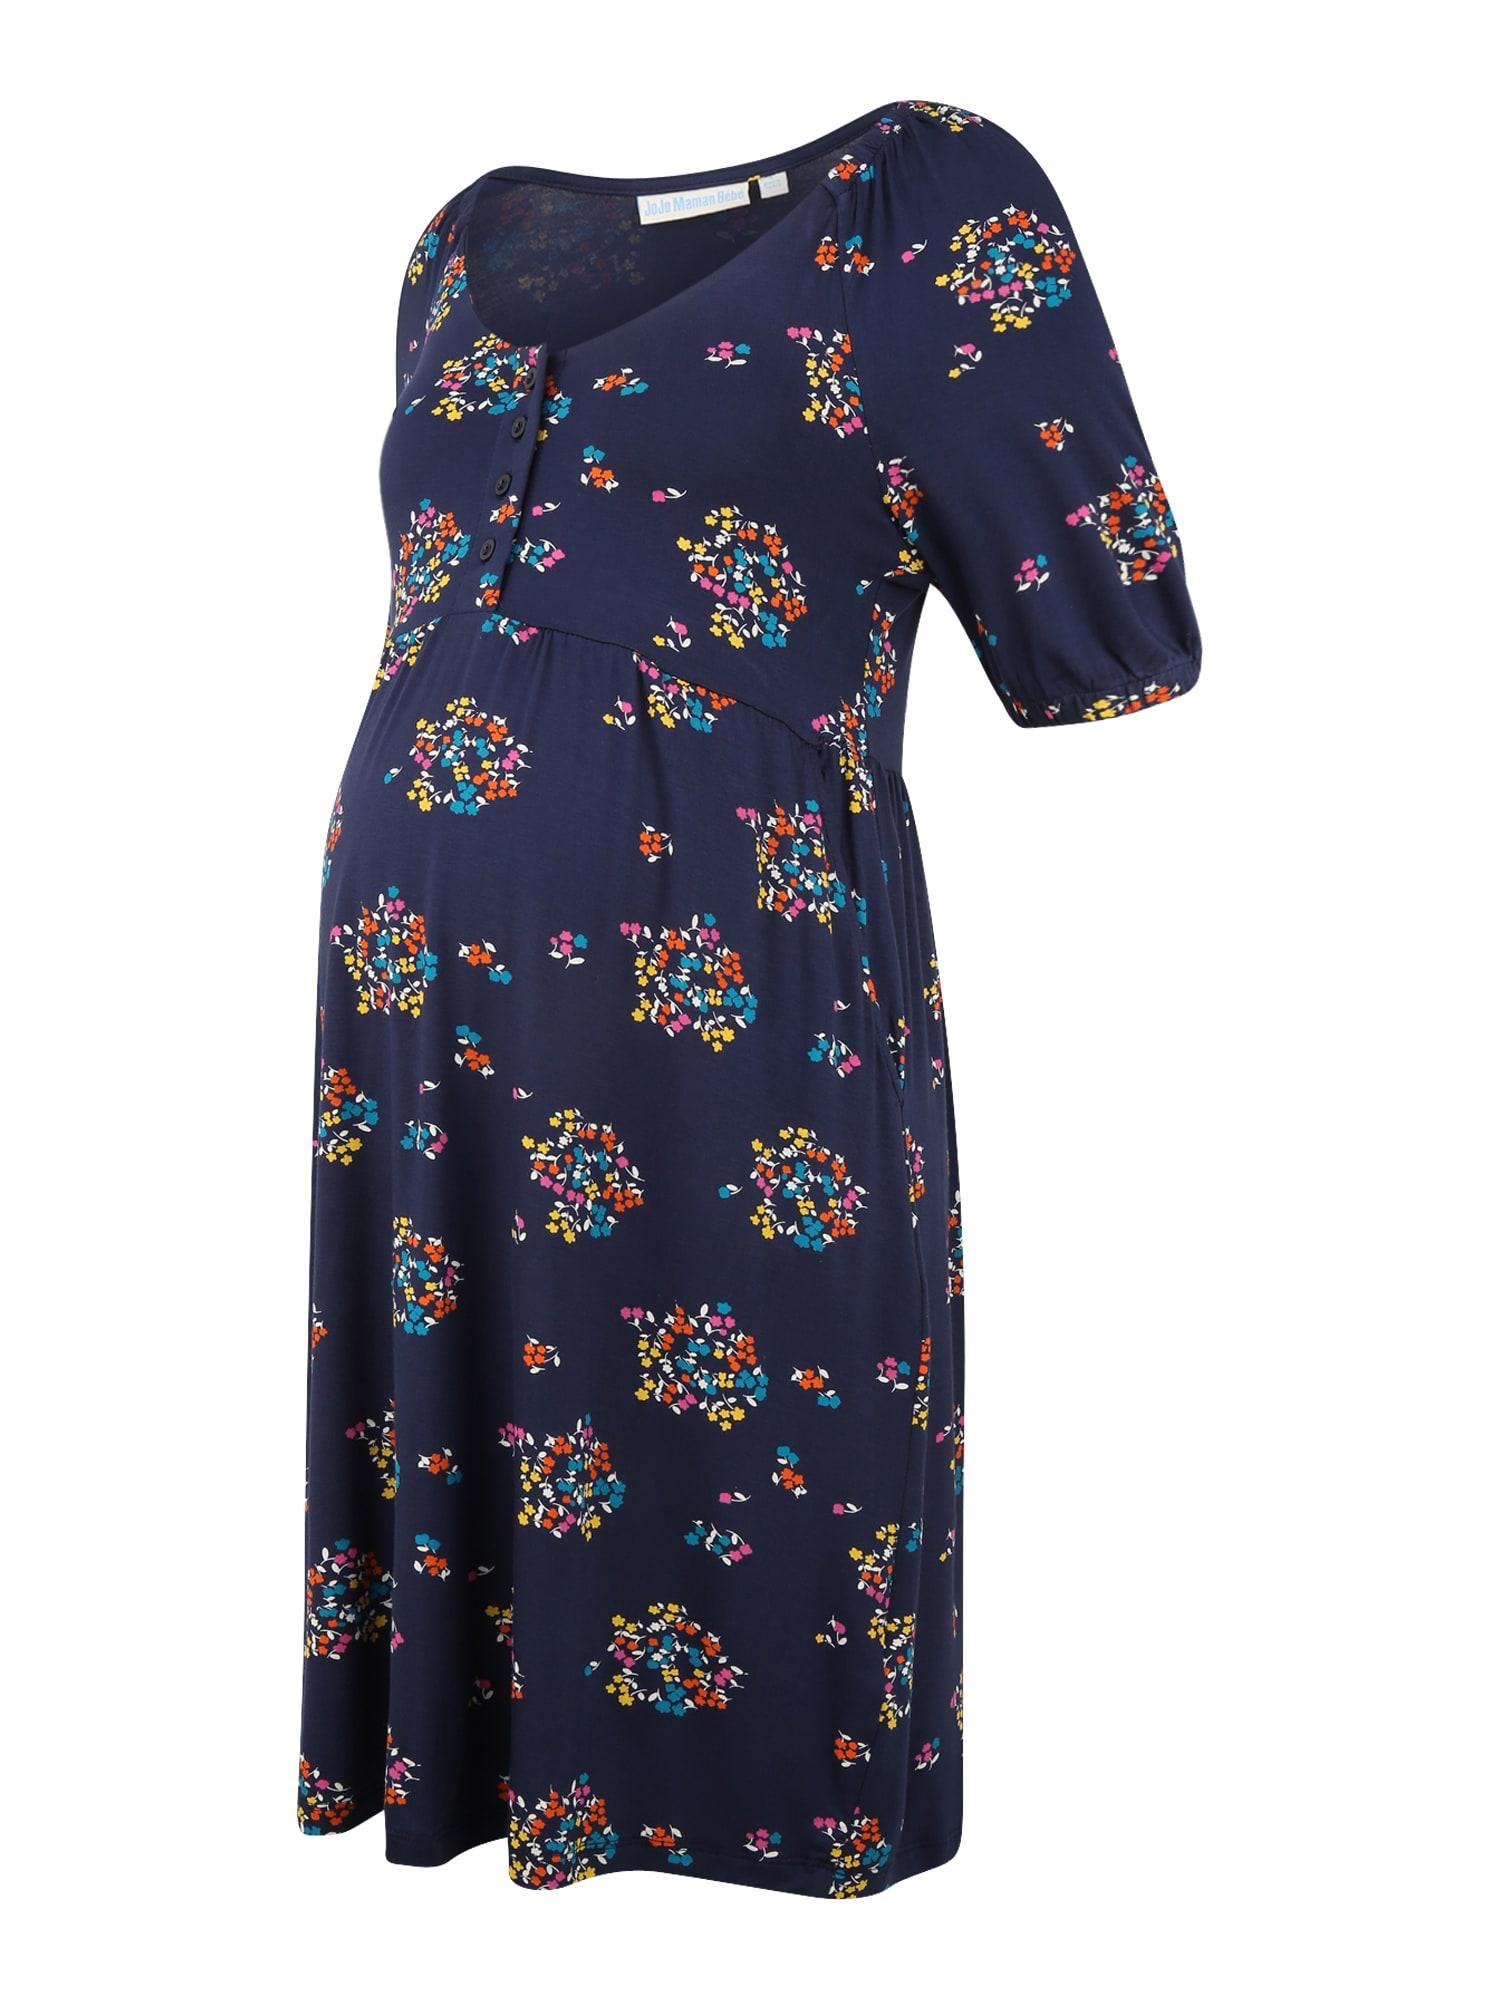 JoJo Maman Bébé Palaidinės tipo suknelė tamsiai mėlyna / mišrios spalvos